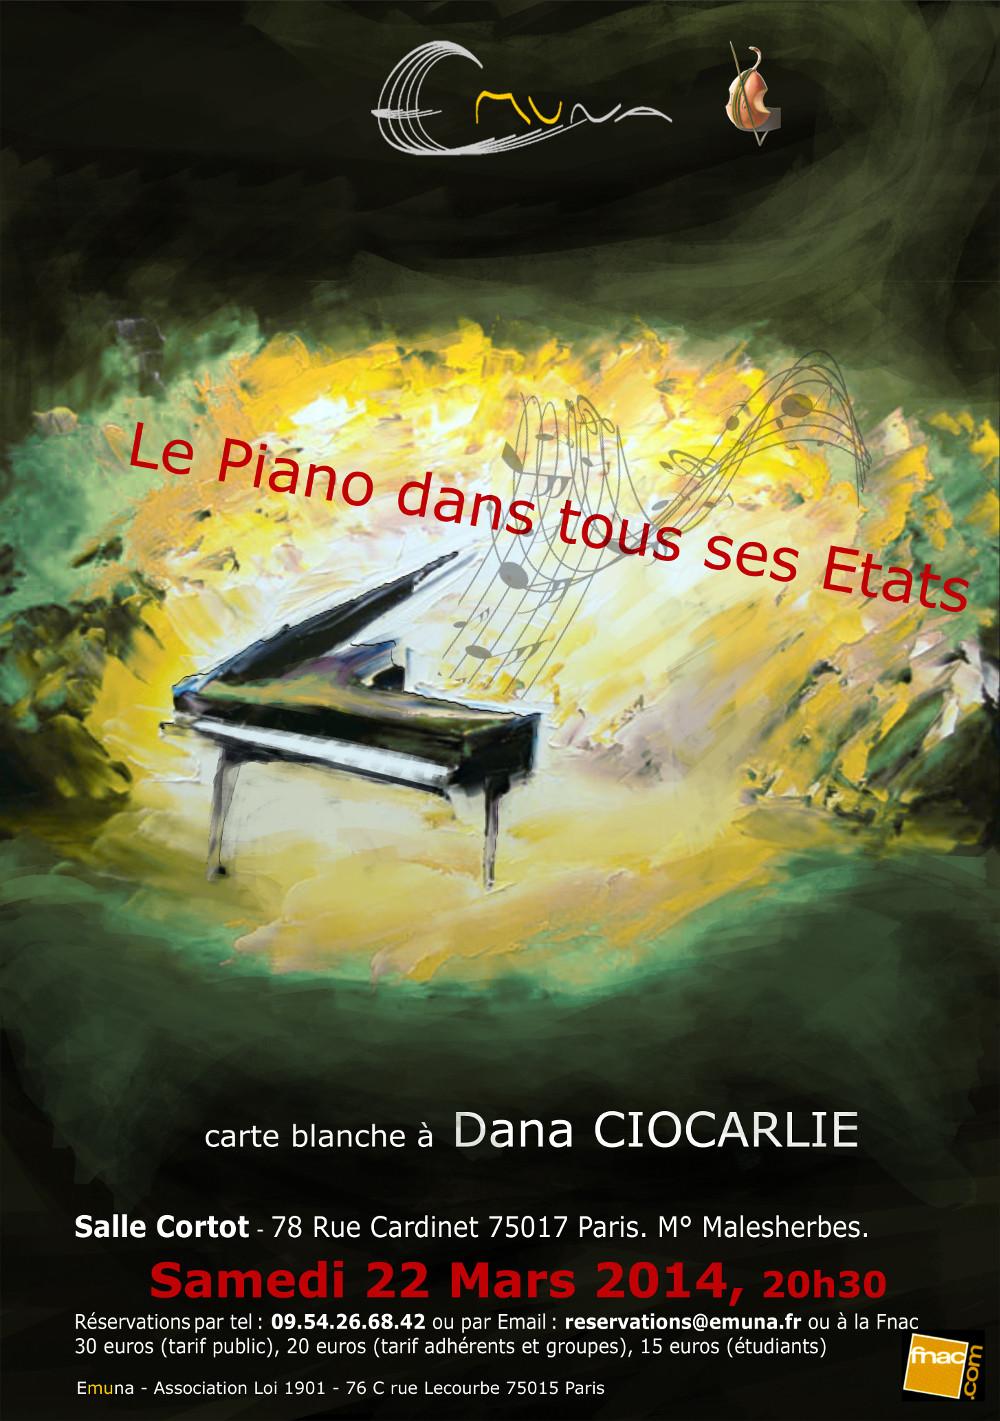 Le piano dans tous ses états : flyer